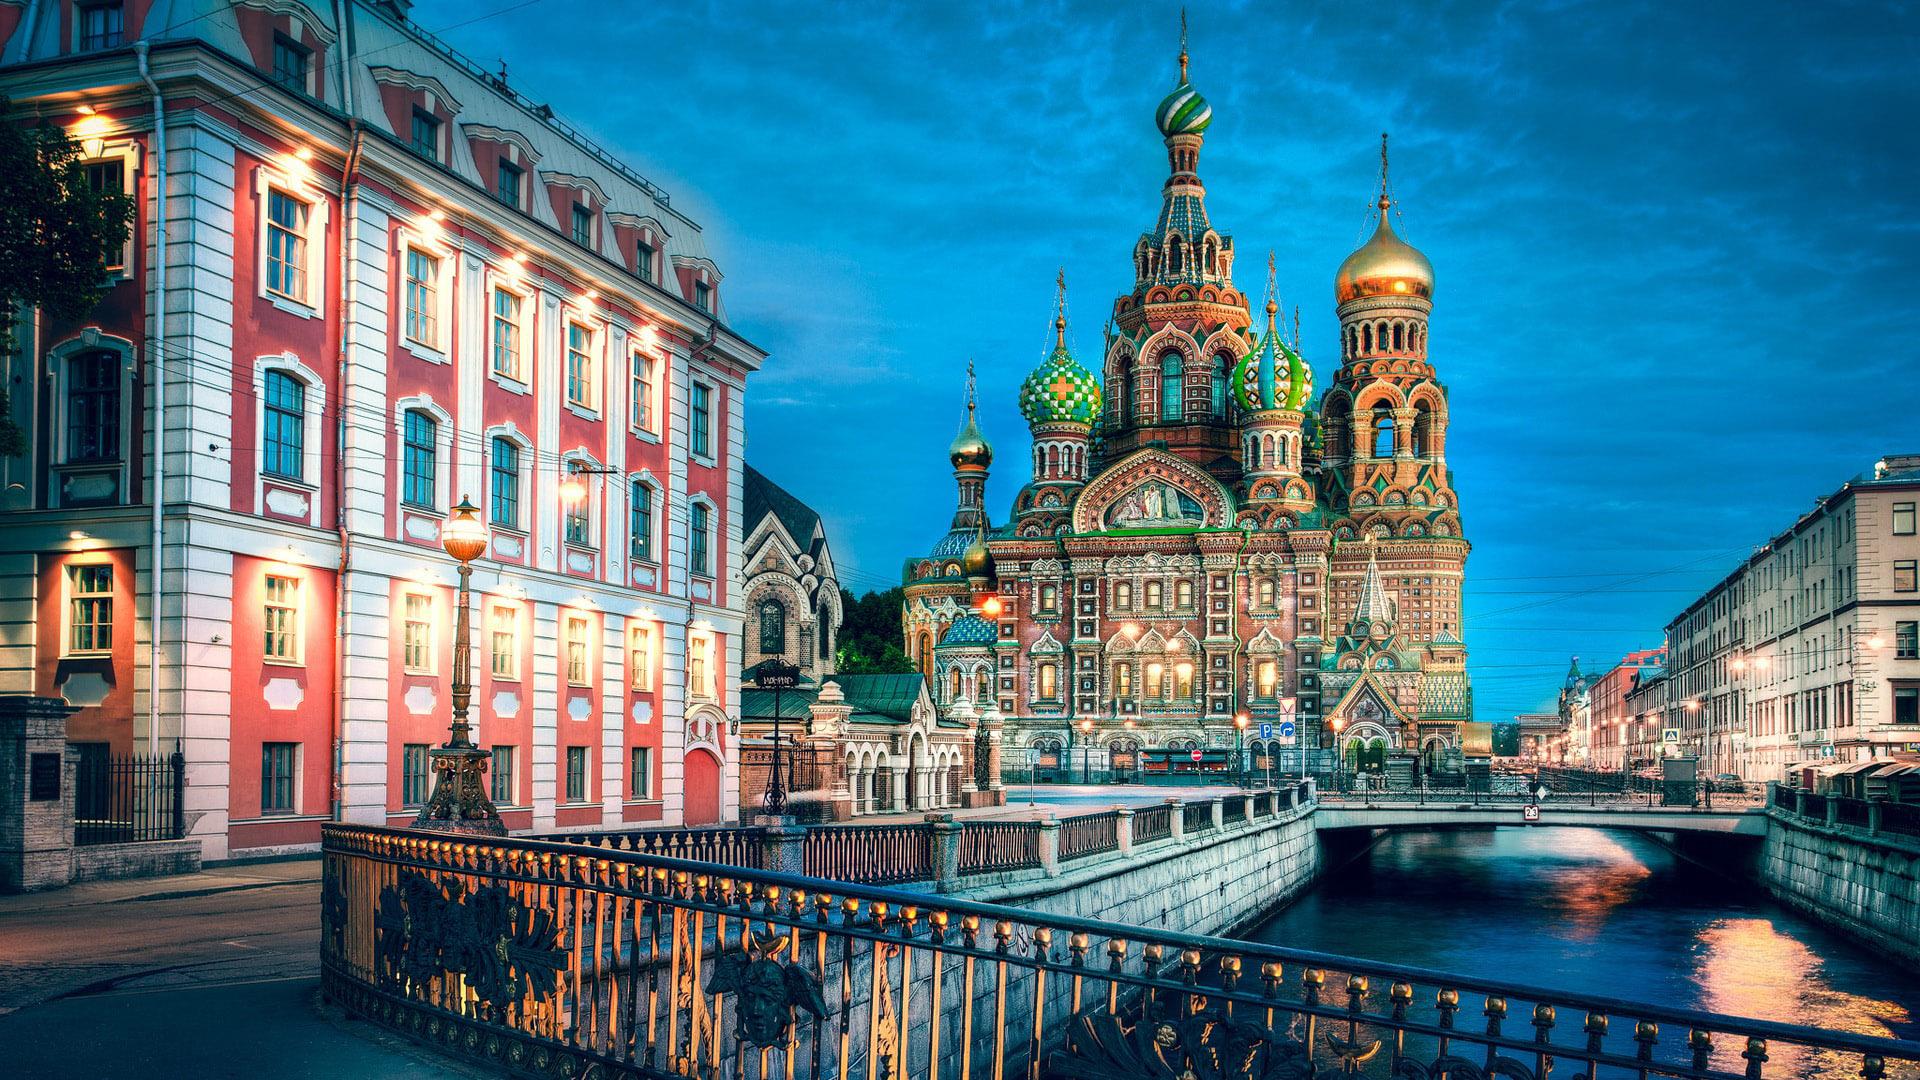 Οκτώβριος 2019 - Μόσχα / Αγία Πετρούπολη / Χρυσός Δακτύλιος